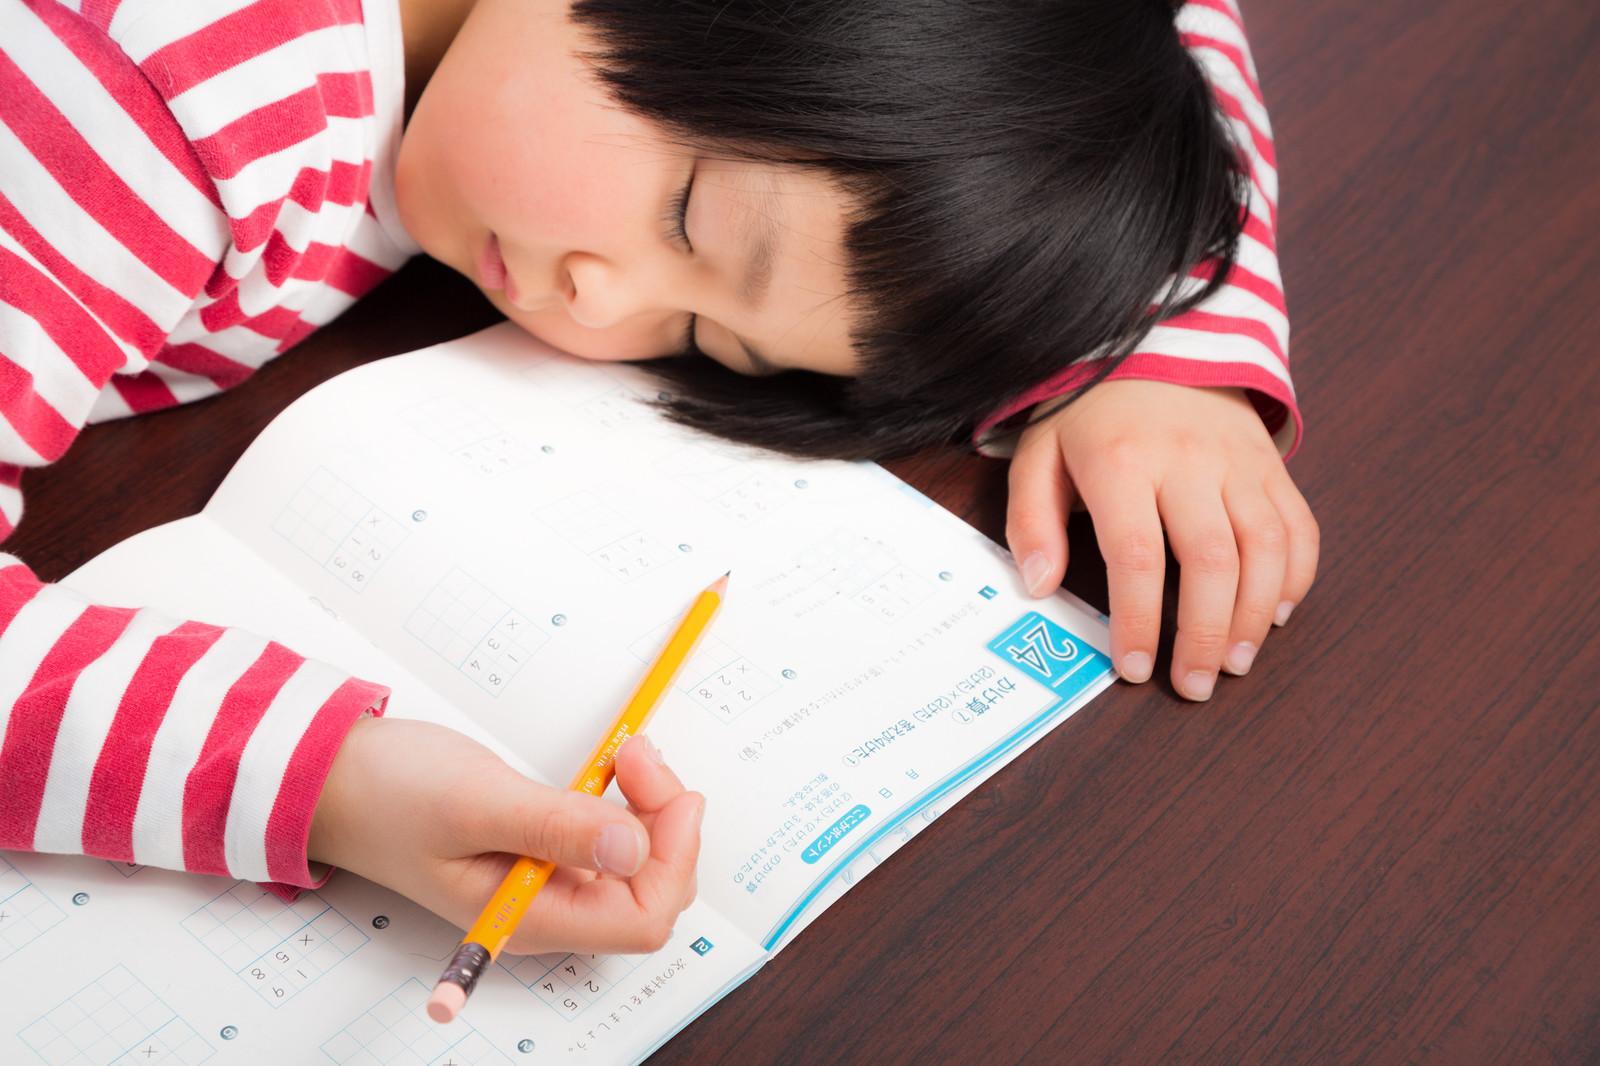 ▲學生,打瞌睡,上課睡覺。(圖/取自免費圖庫pakutaso)